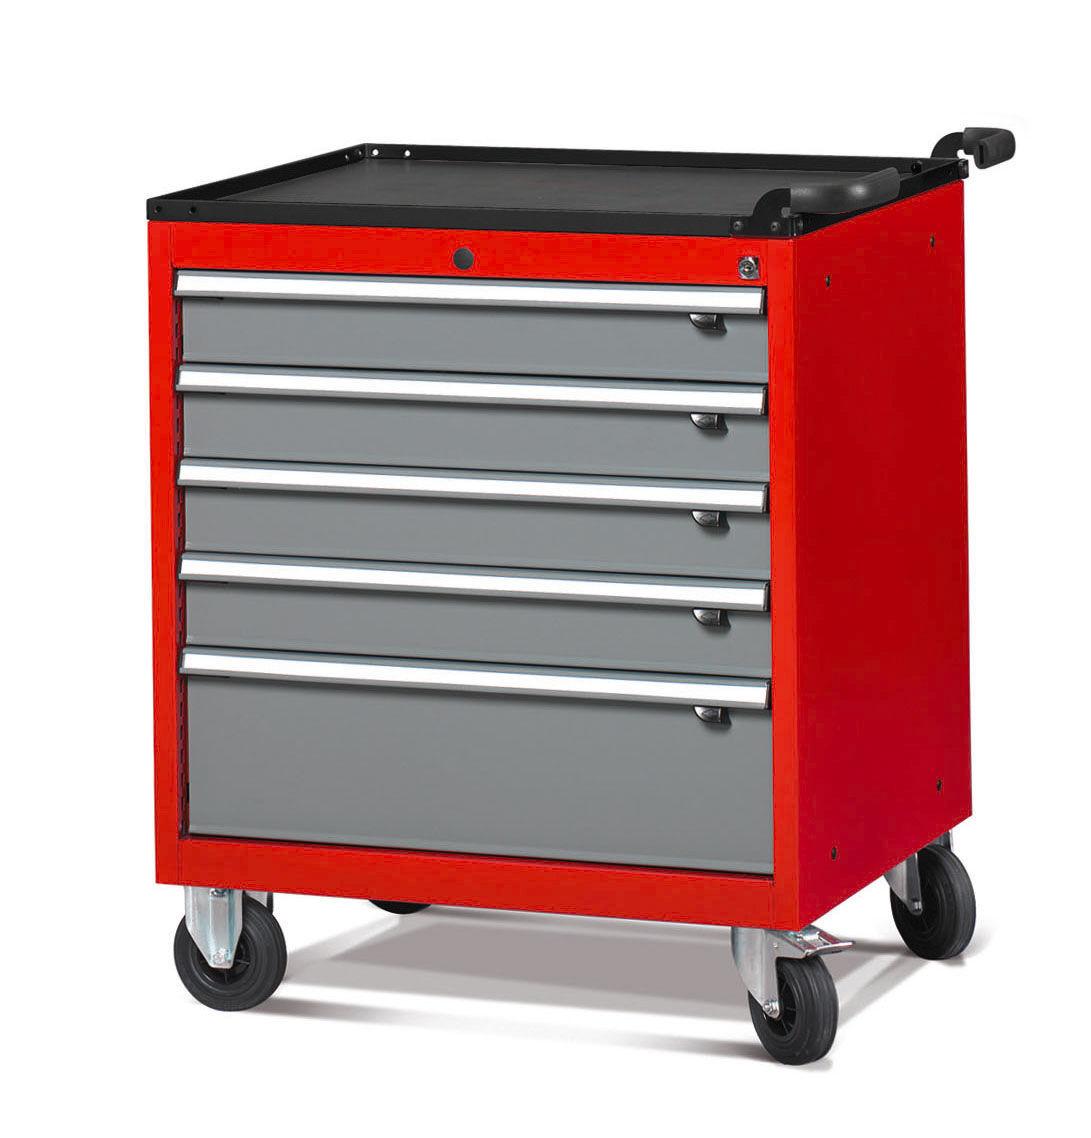 SETAM Servante atelier 5 tiroirs modèle large